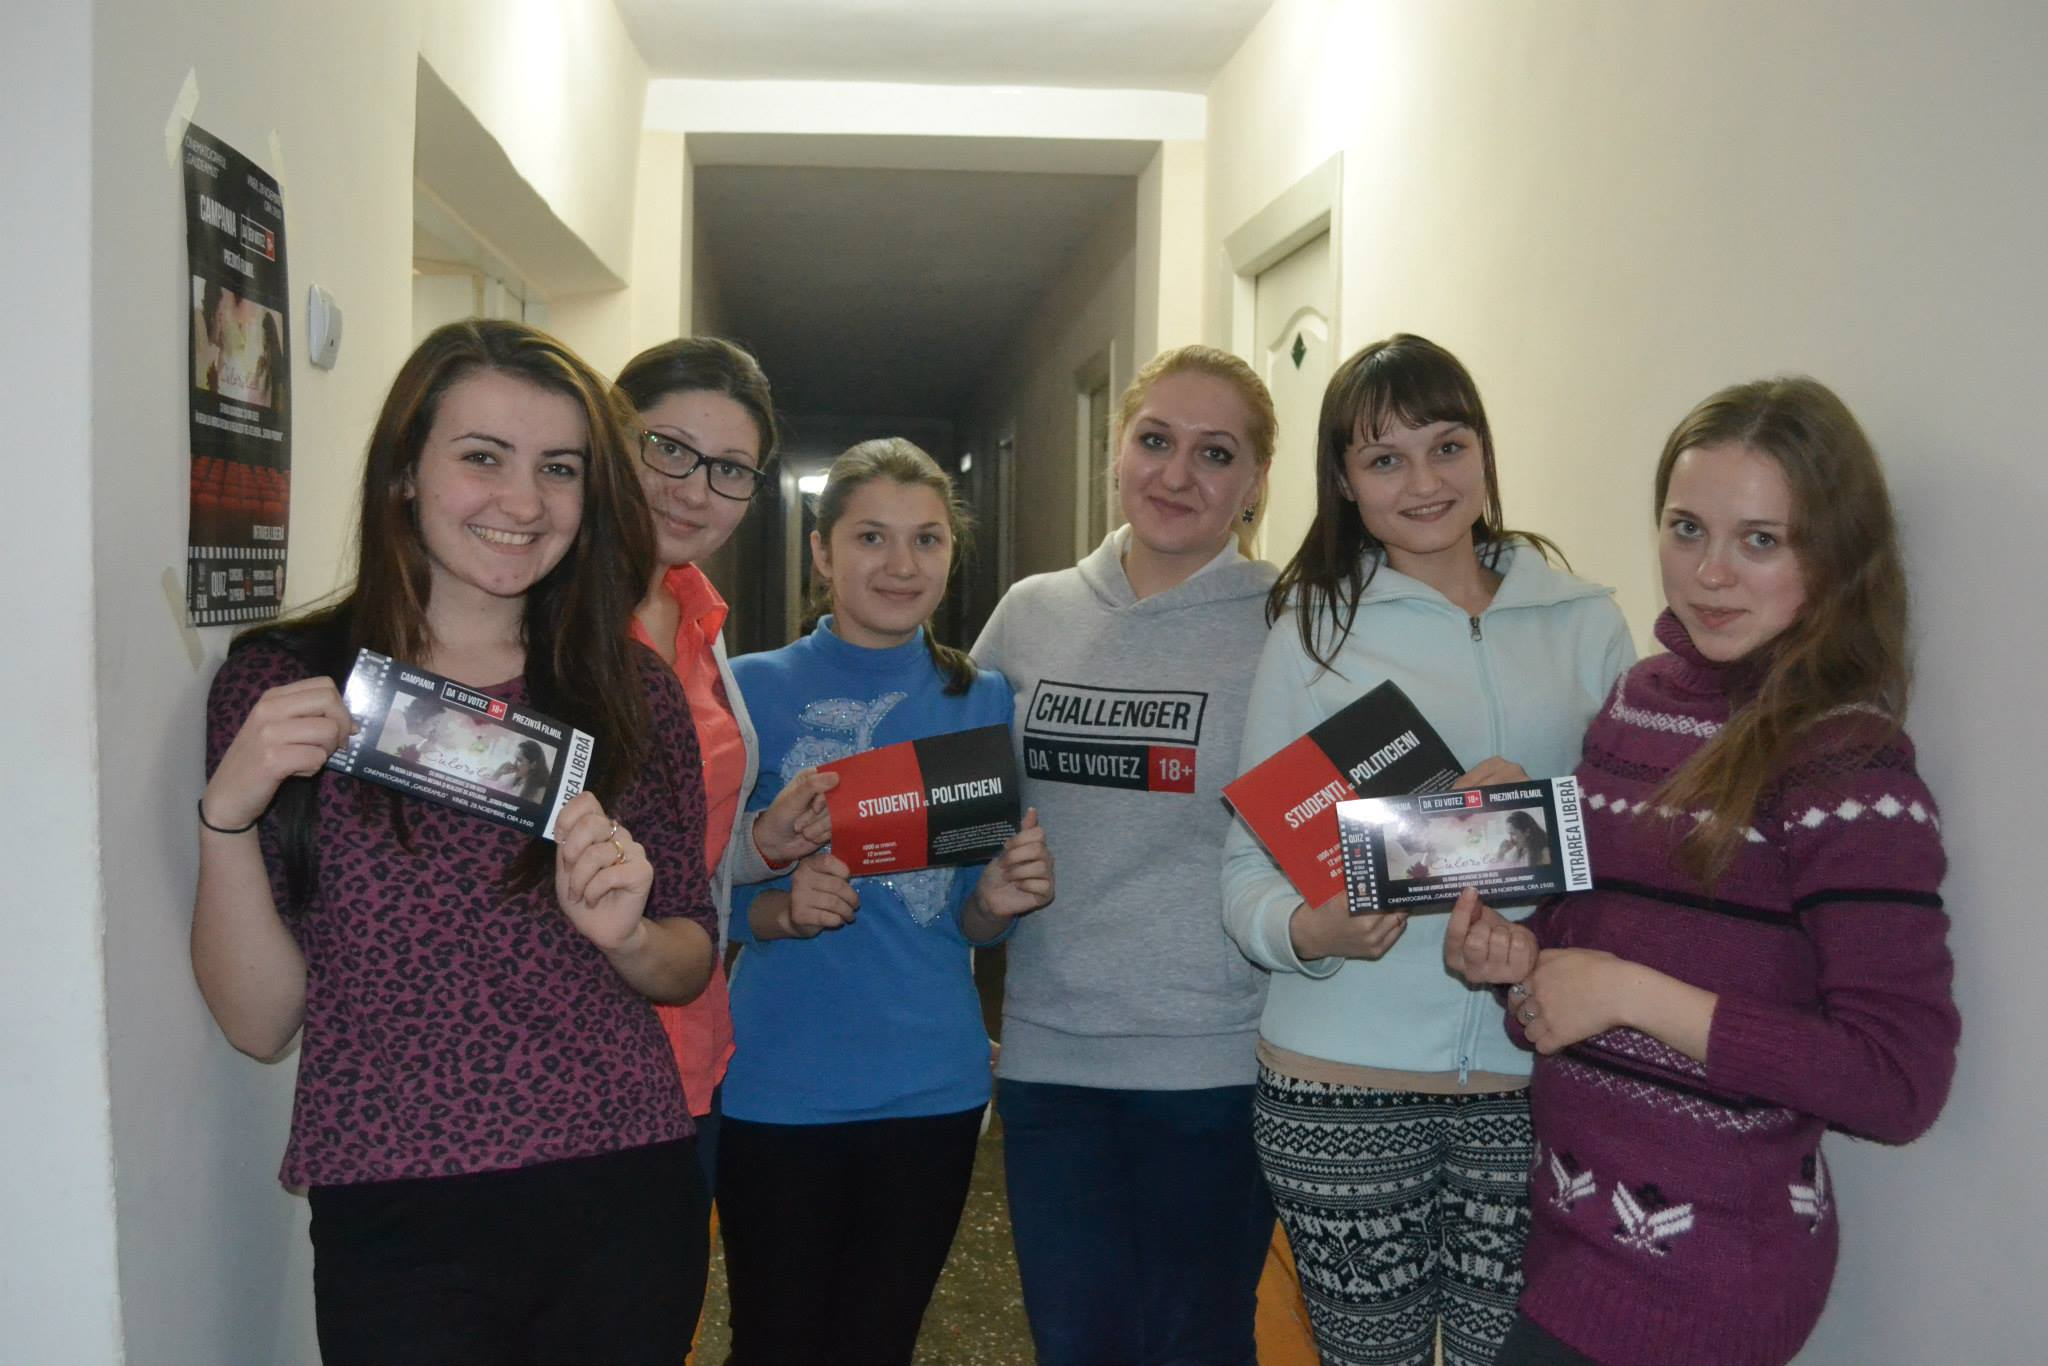 Echipa Challenger a distribuit studenților din 5 cămine studențești din Chișinău